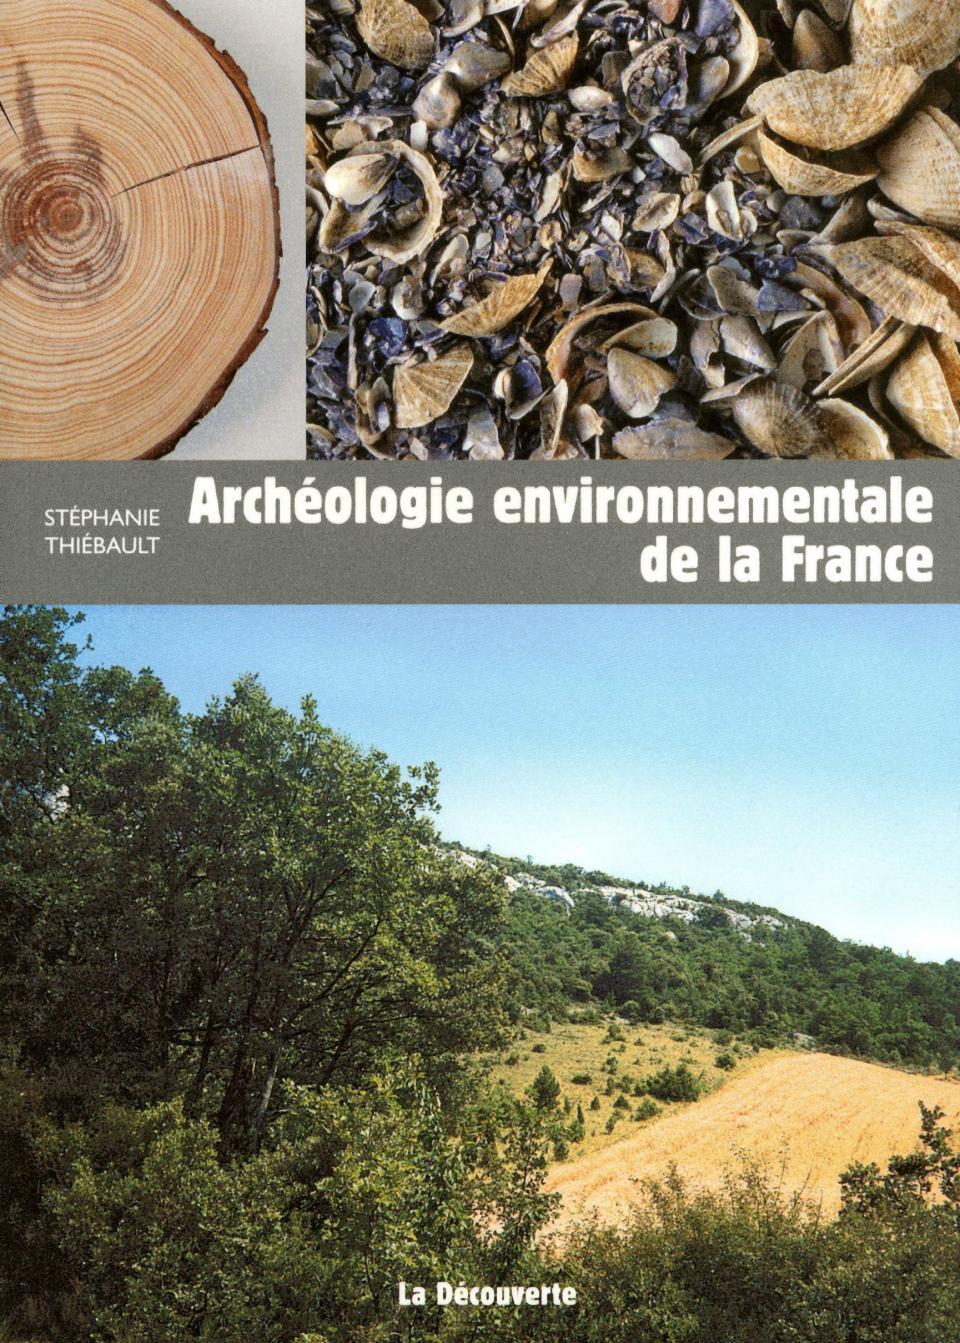 Archéologie environnementale de la France